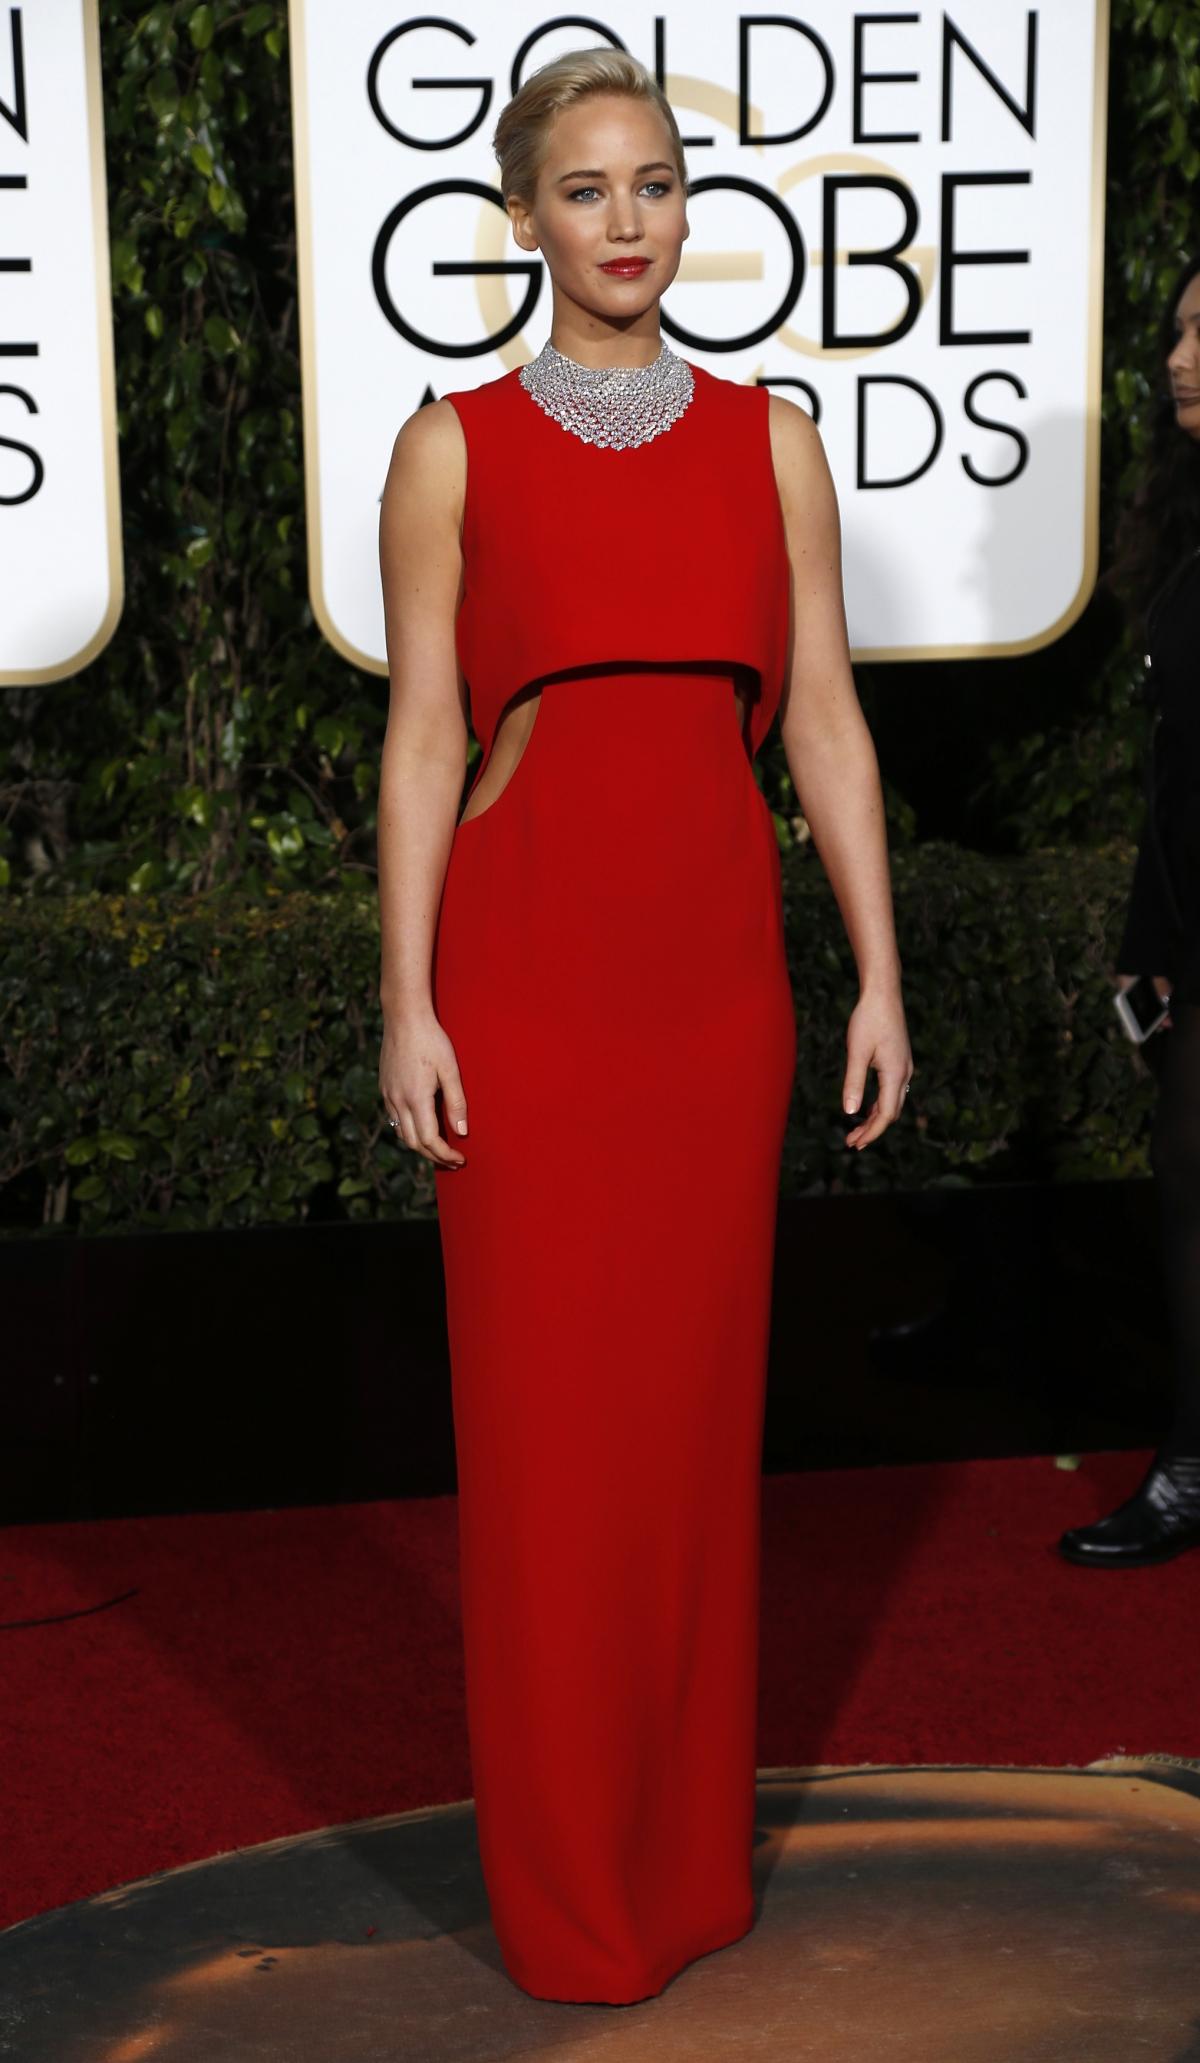 Golden Globes 2016: best dressed red carpet